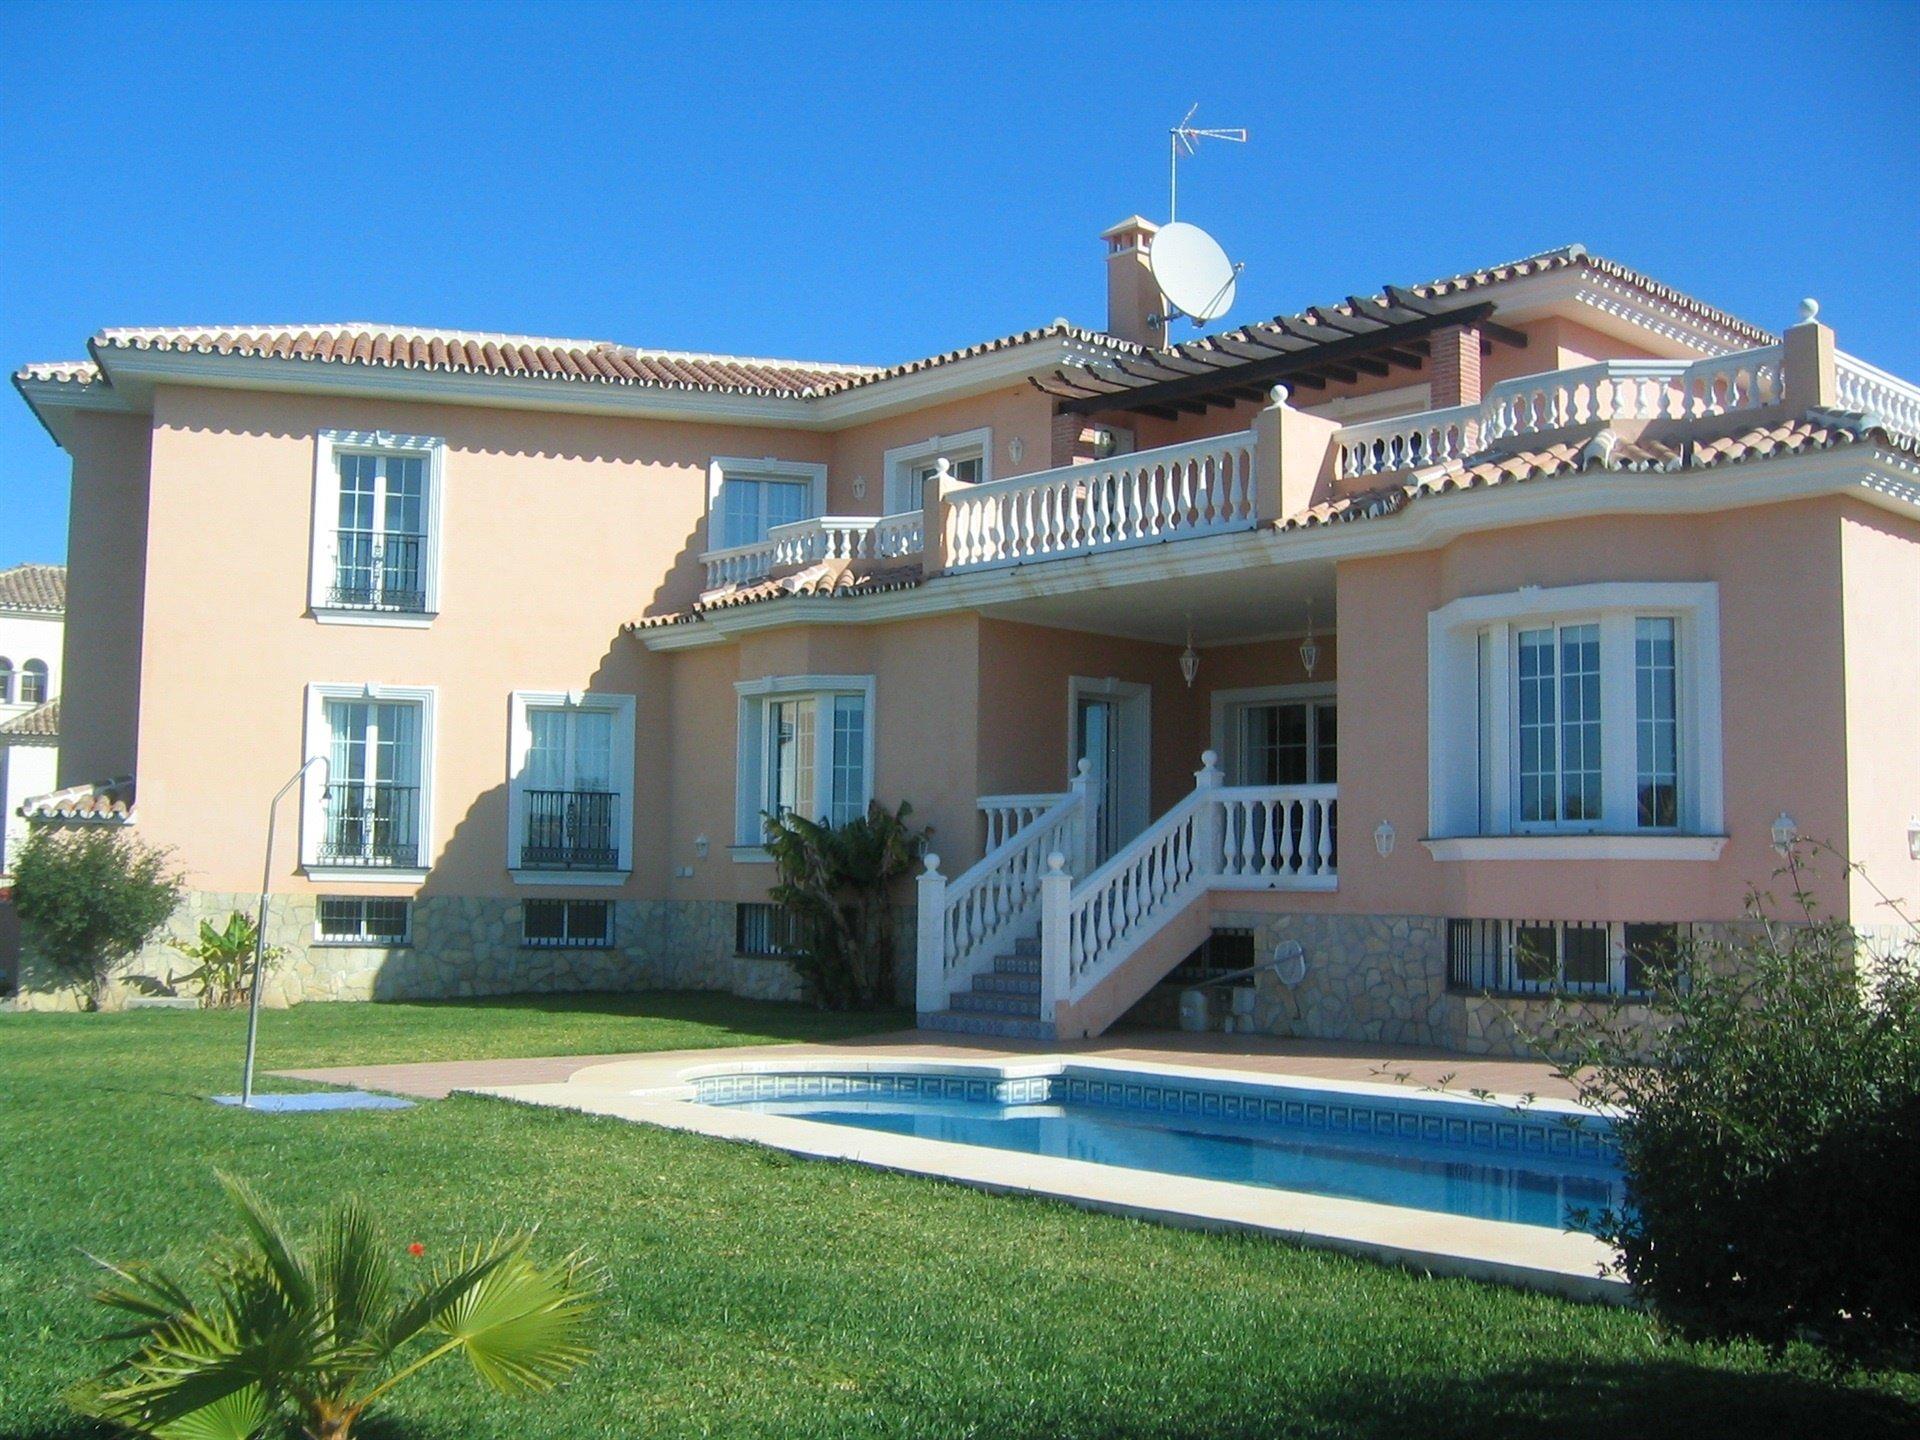 Villa in Las Lagunas de Mijas, Andalusia, Spain 1